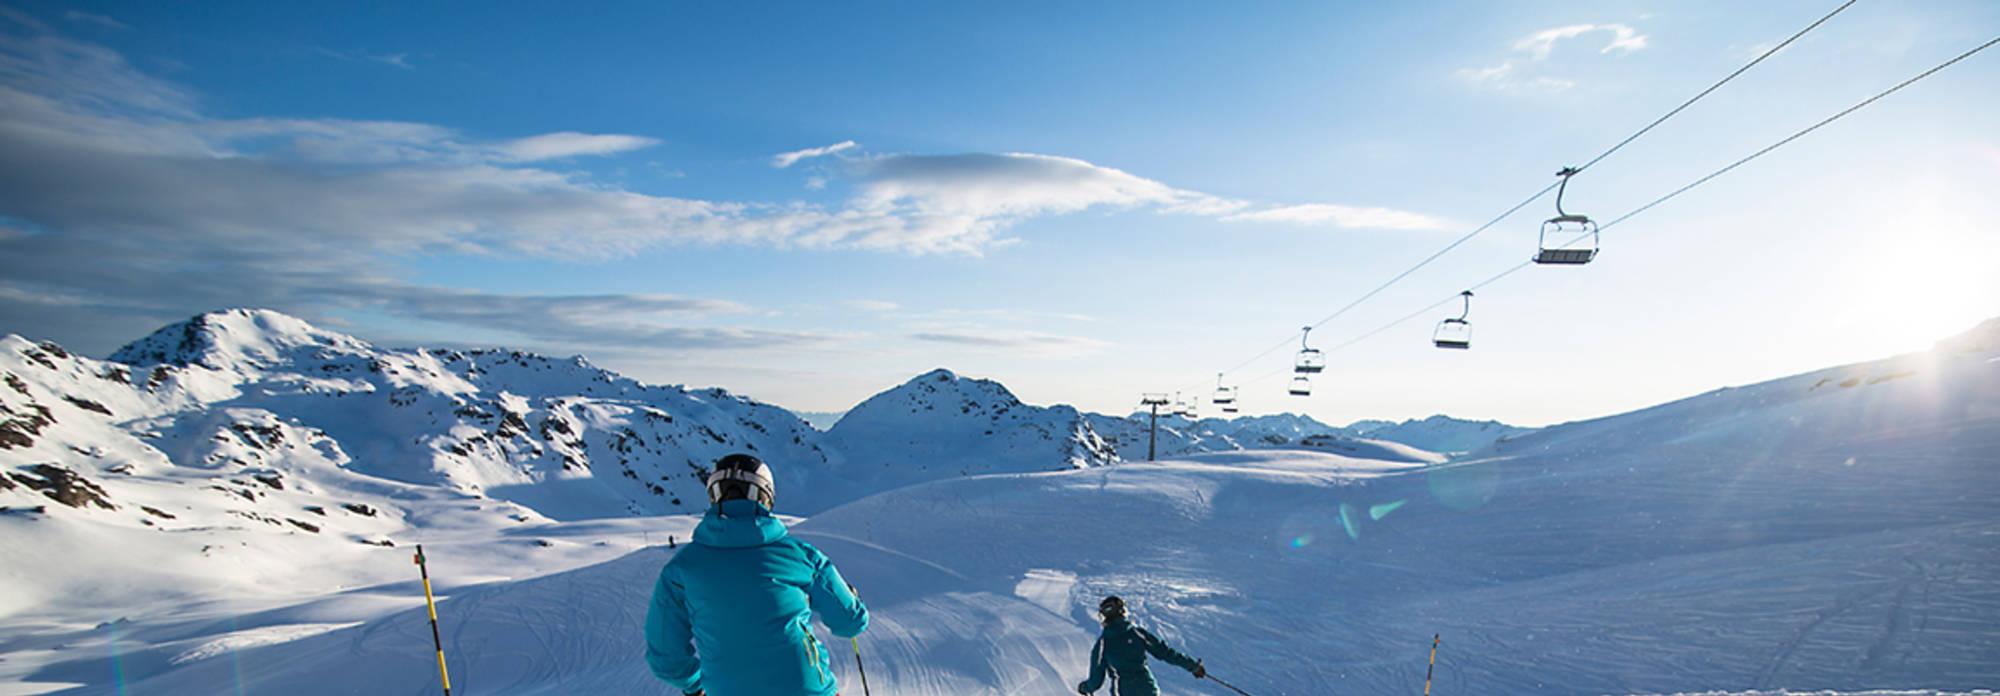 Wintersport Konigsleit...